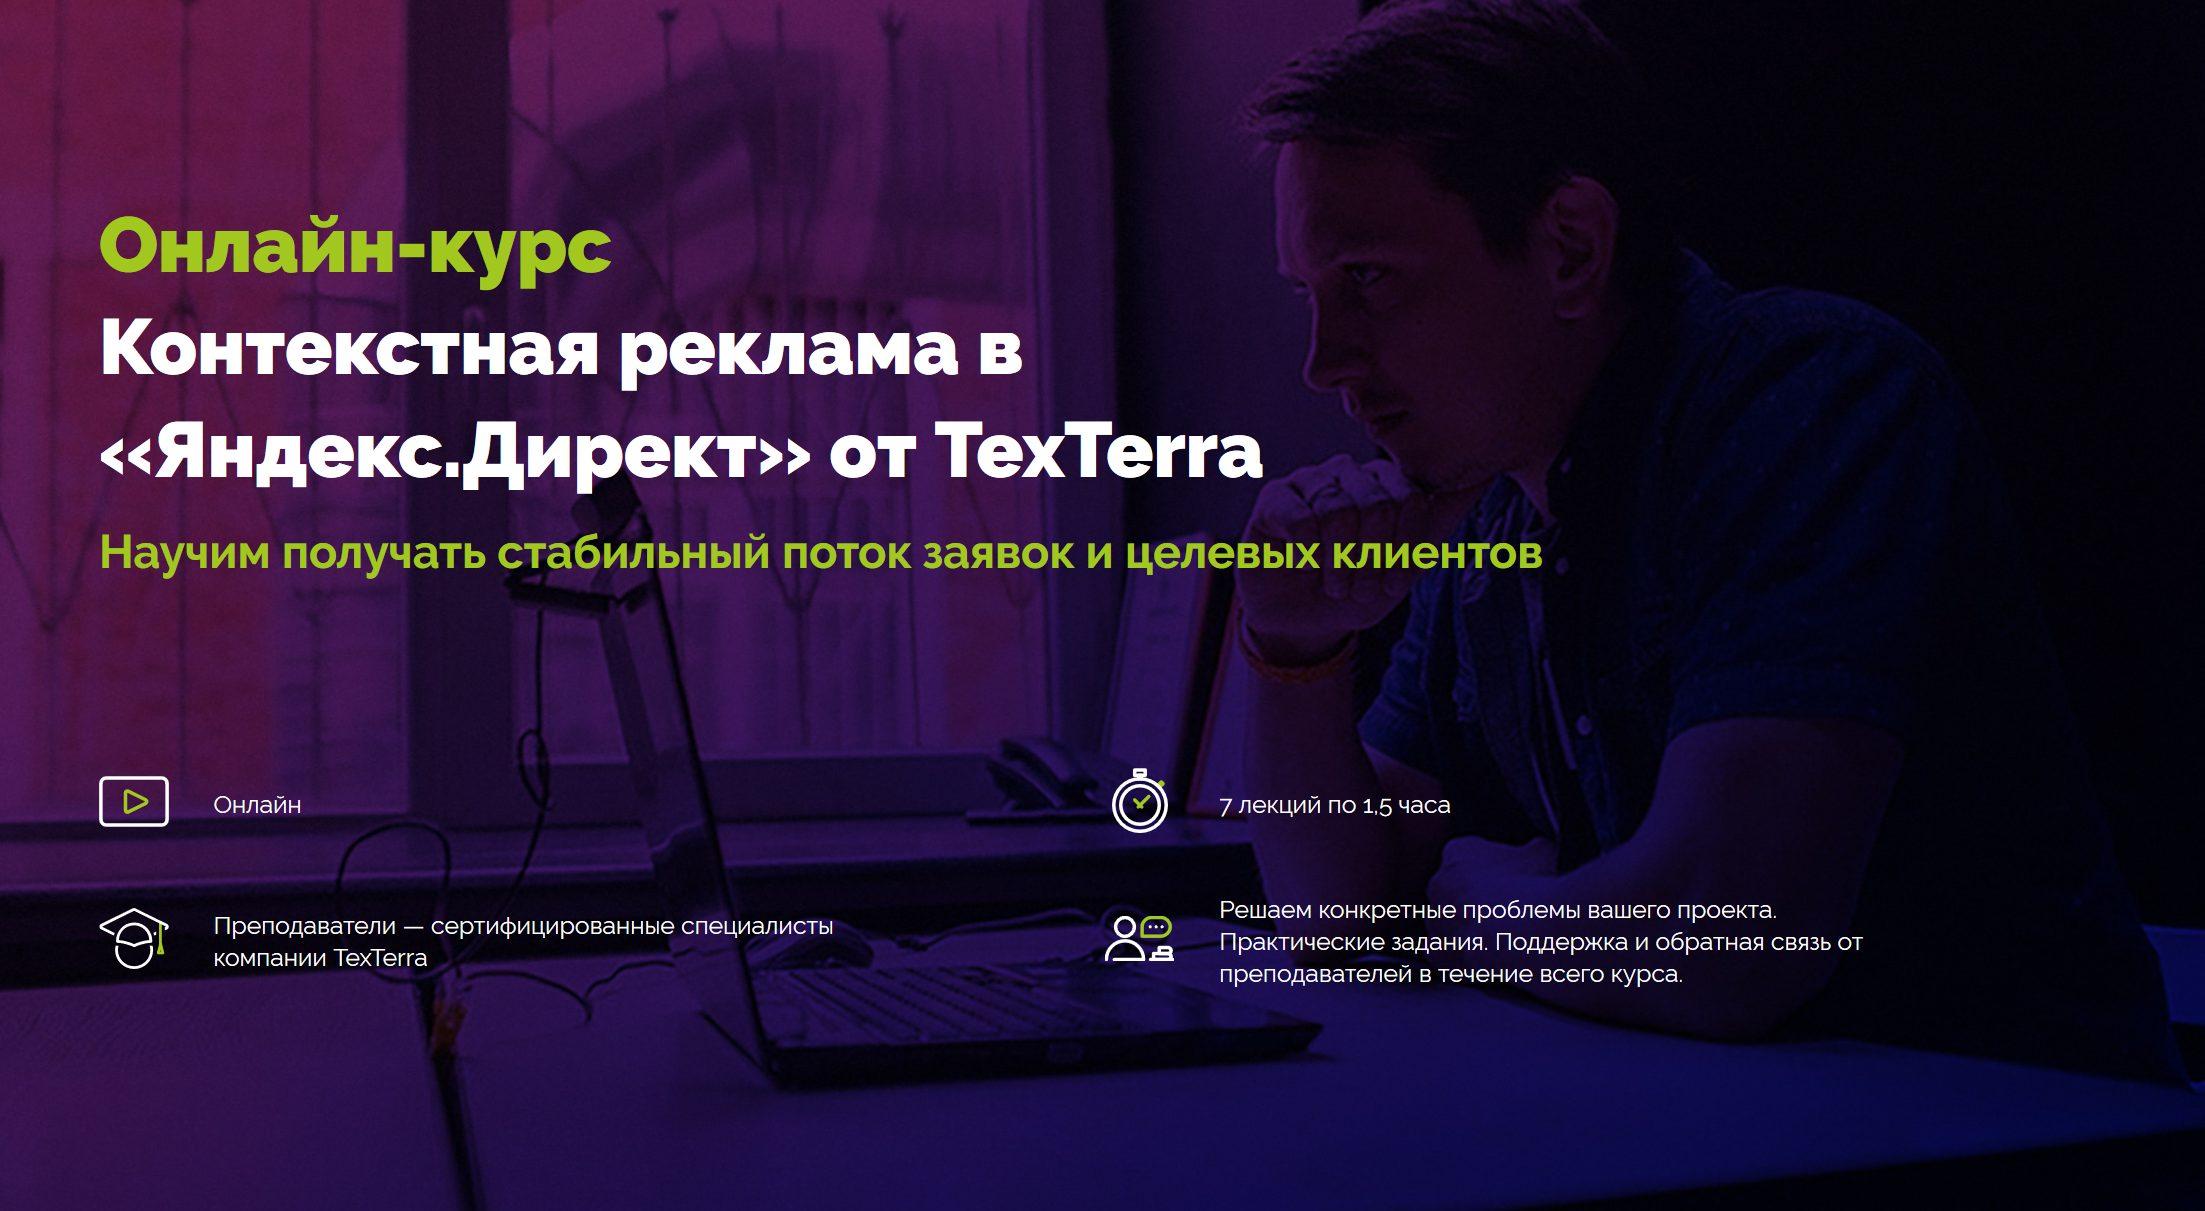 Контекстная реклама в Яндекс.Директ онлайн-курс по настройке и ведению контекстной рекламы - Mozilla Firefox